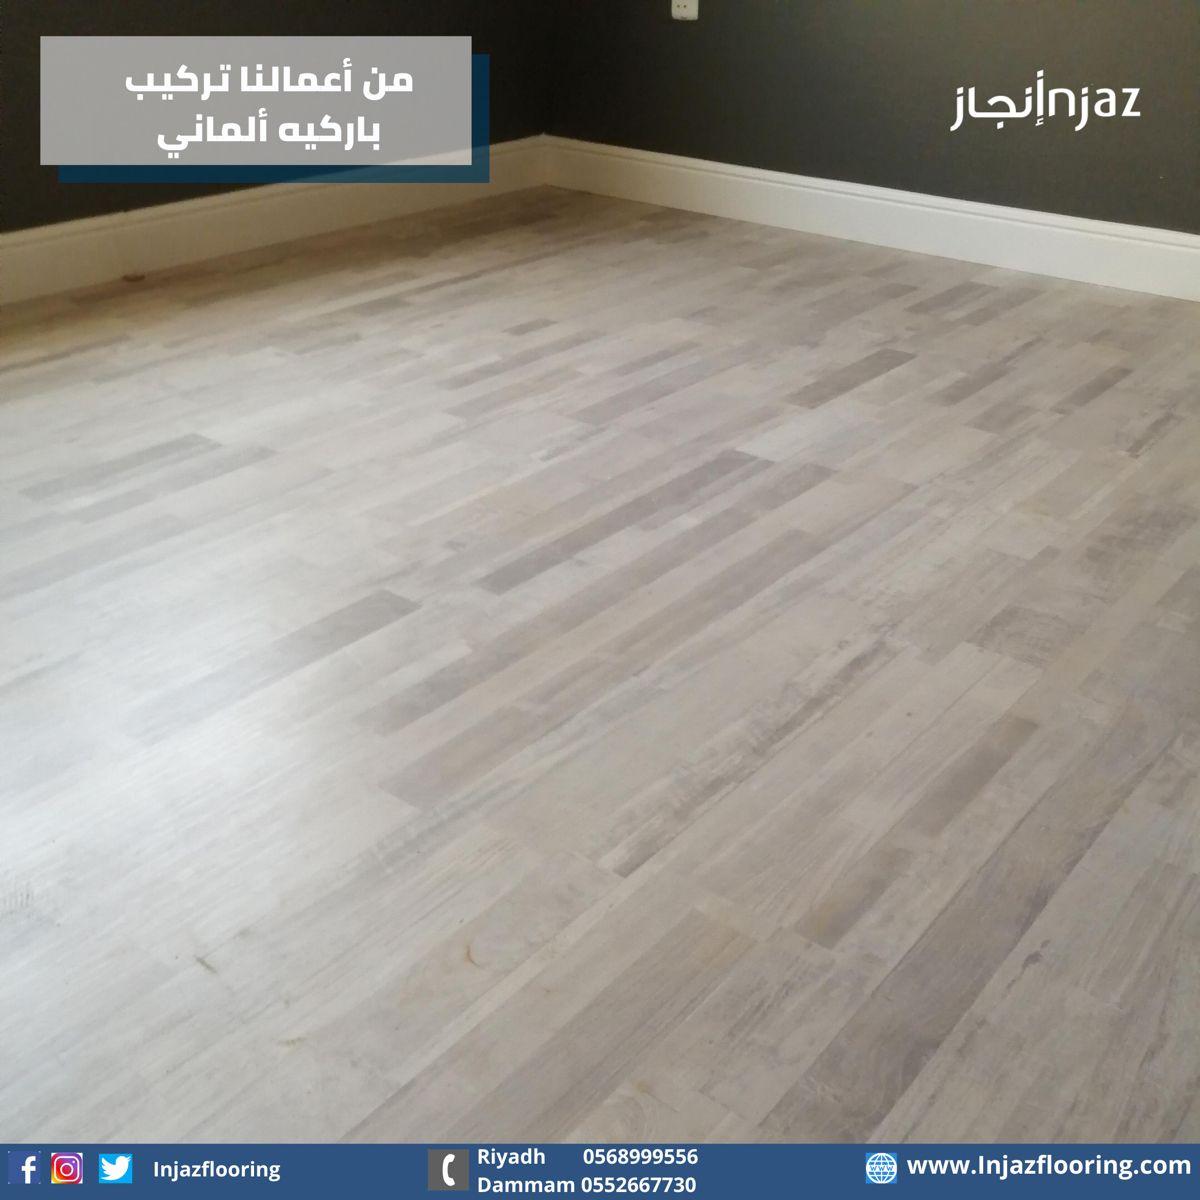 باركيه ألماني سماكة 8 ملم ألوان خشبية مميزة Flooring Hardwood Floors Hardwood